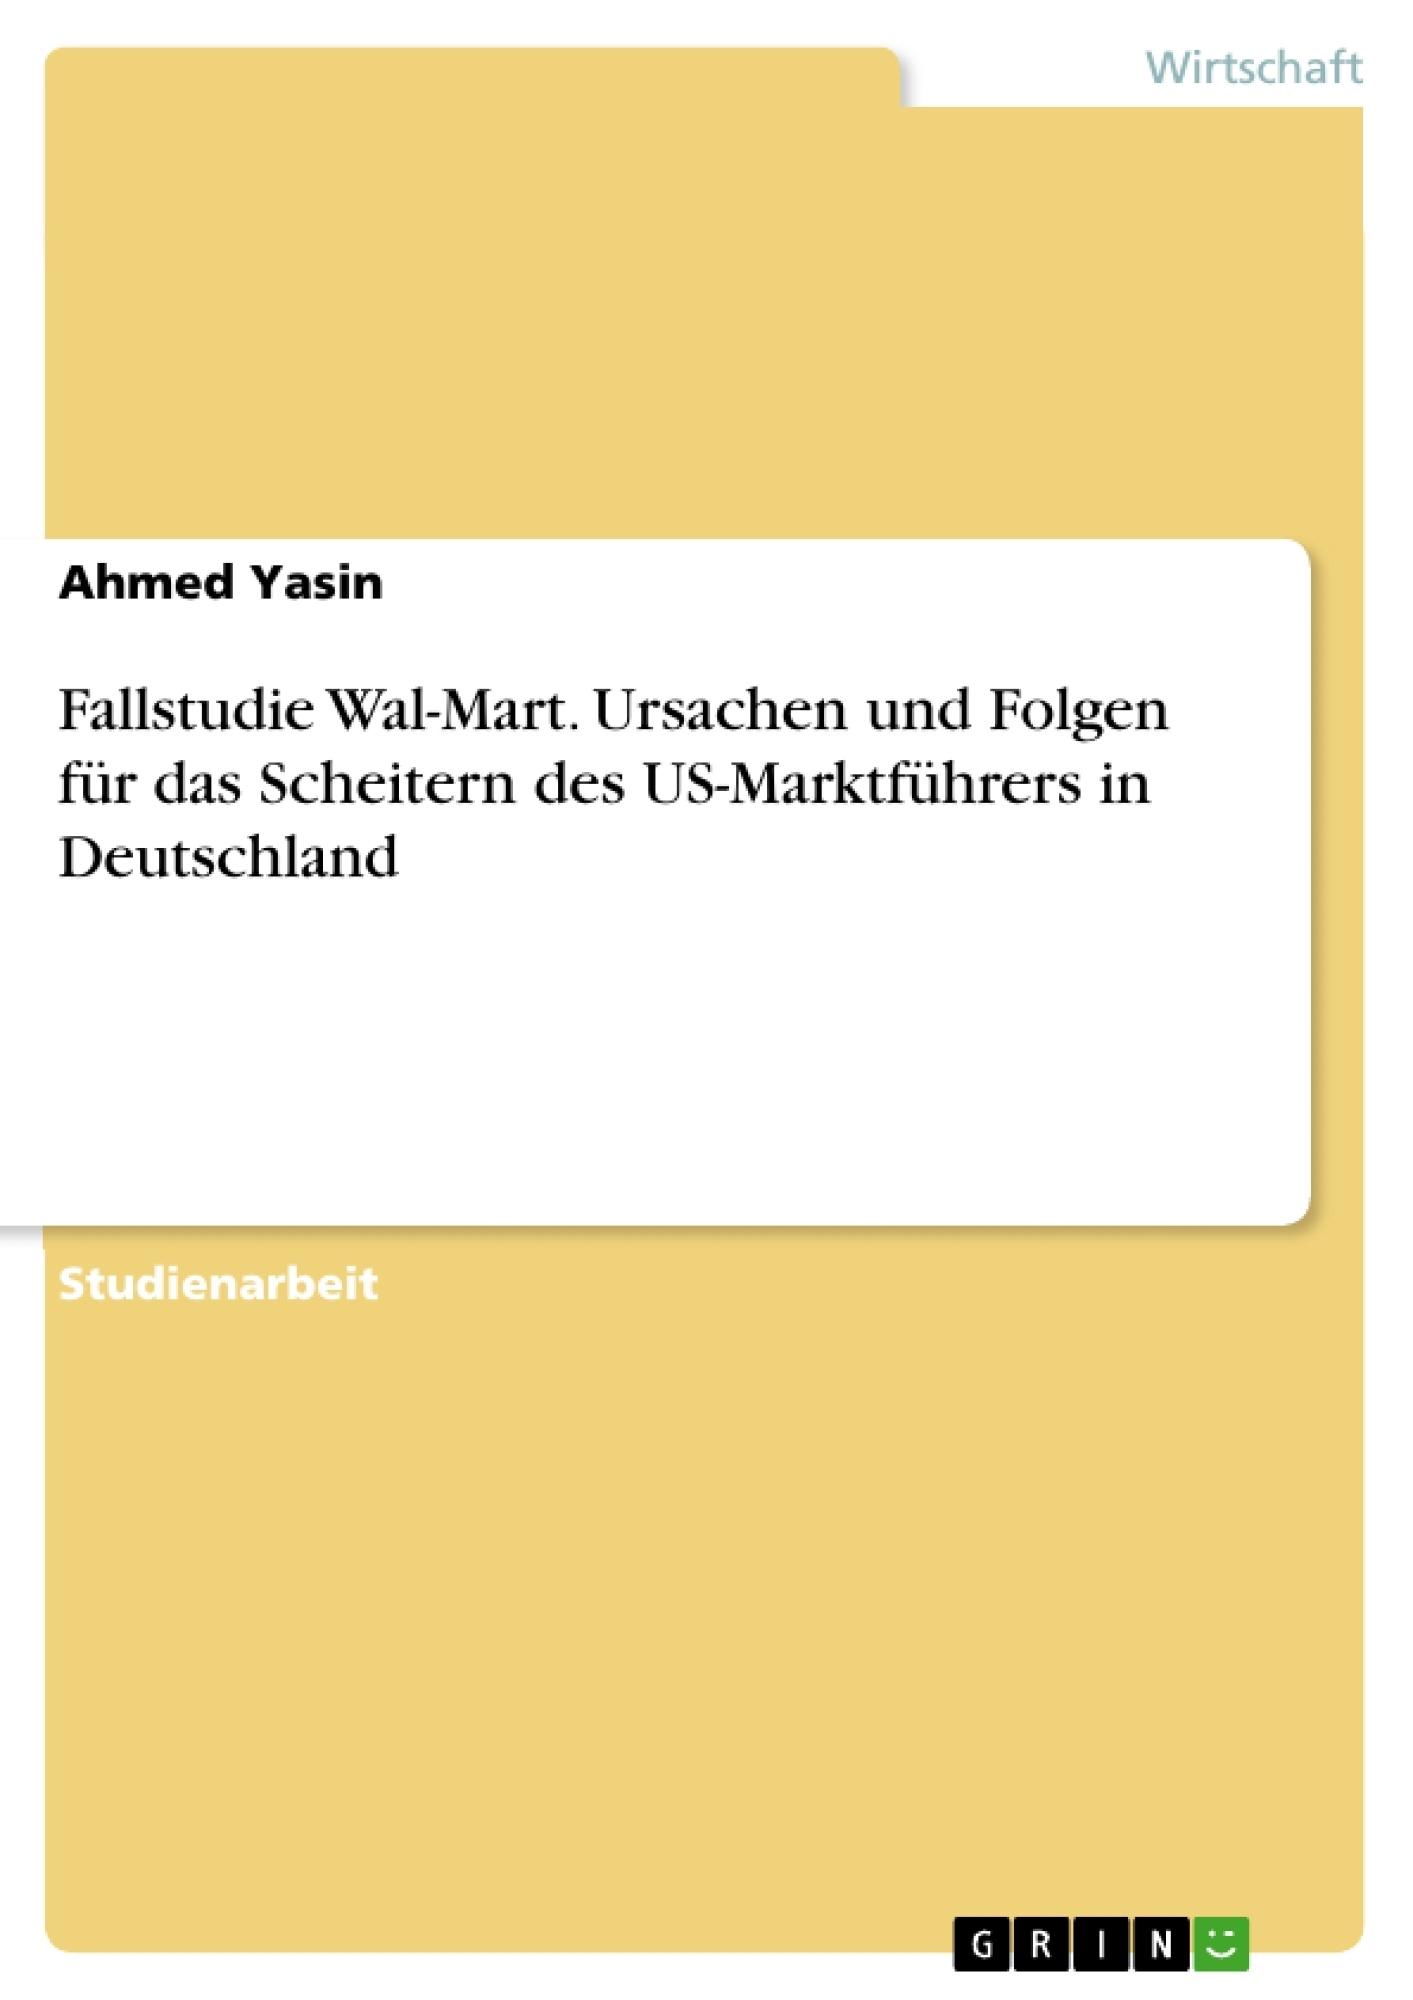 Titel: Fallstudie Wal-Mart. Ursachen und Folgen für das Scheitern des US-Marktführers in Deutschland